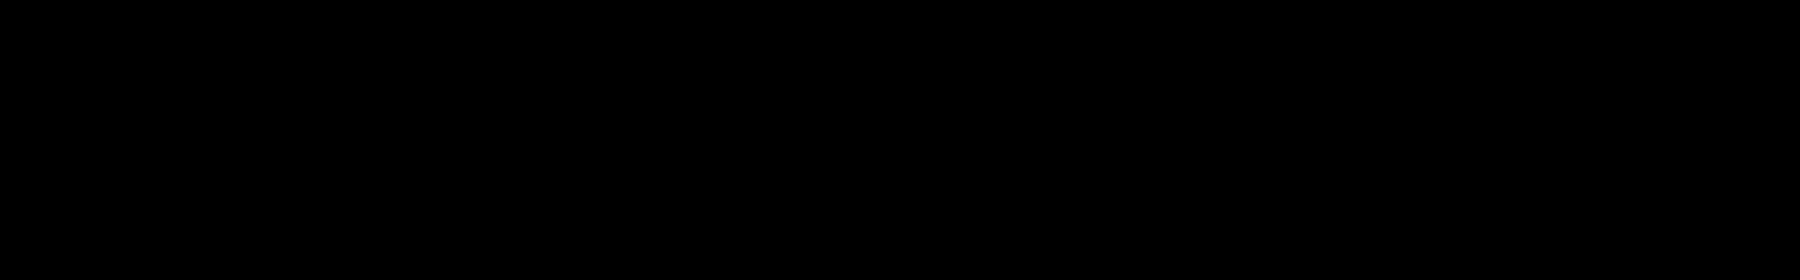 Riemann Techno Kickdrums 3 audio waveform